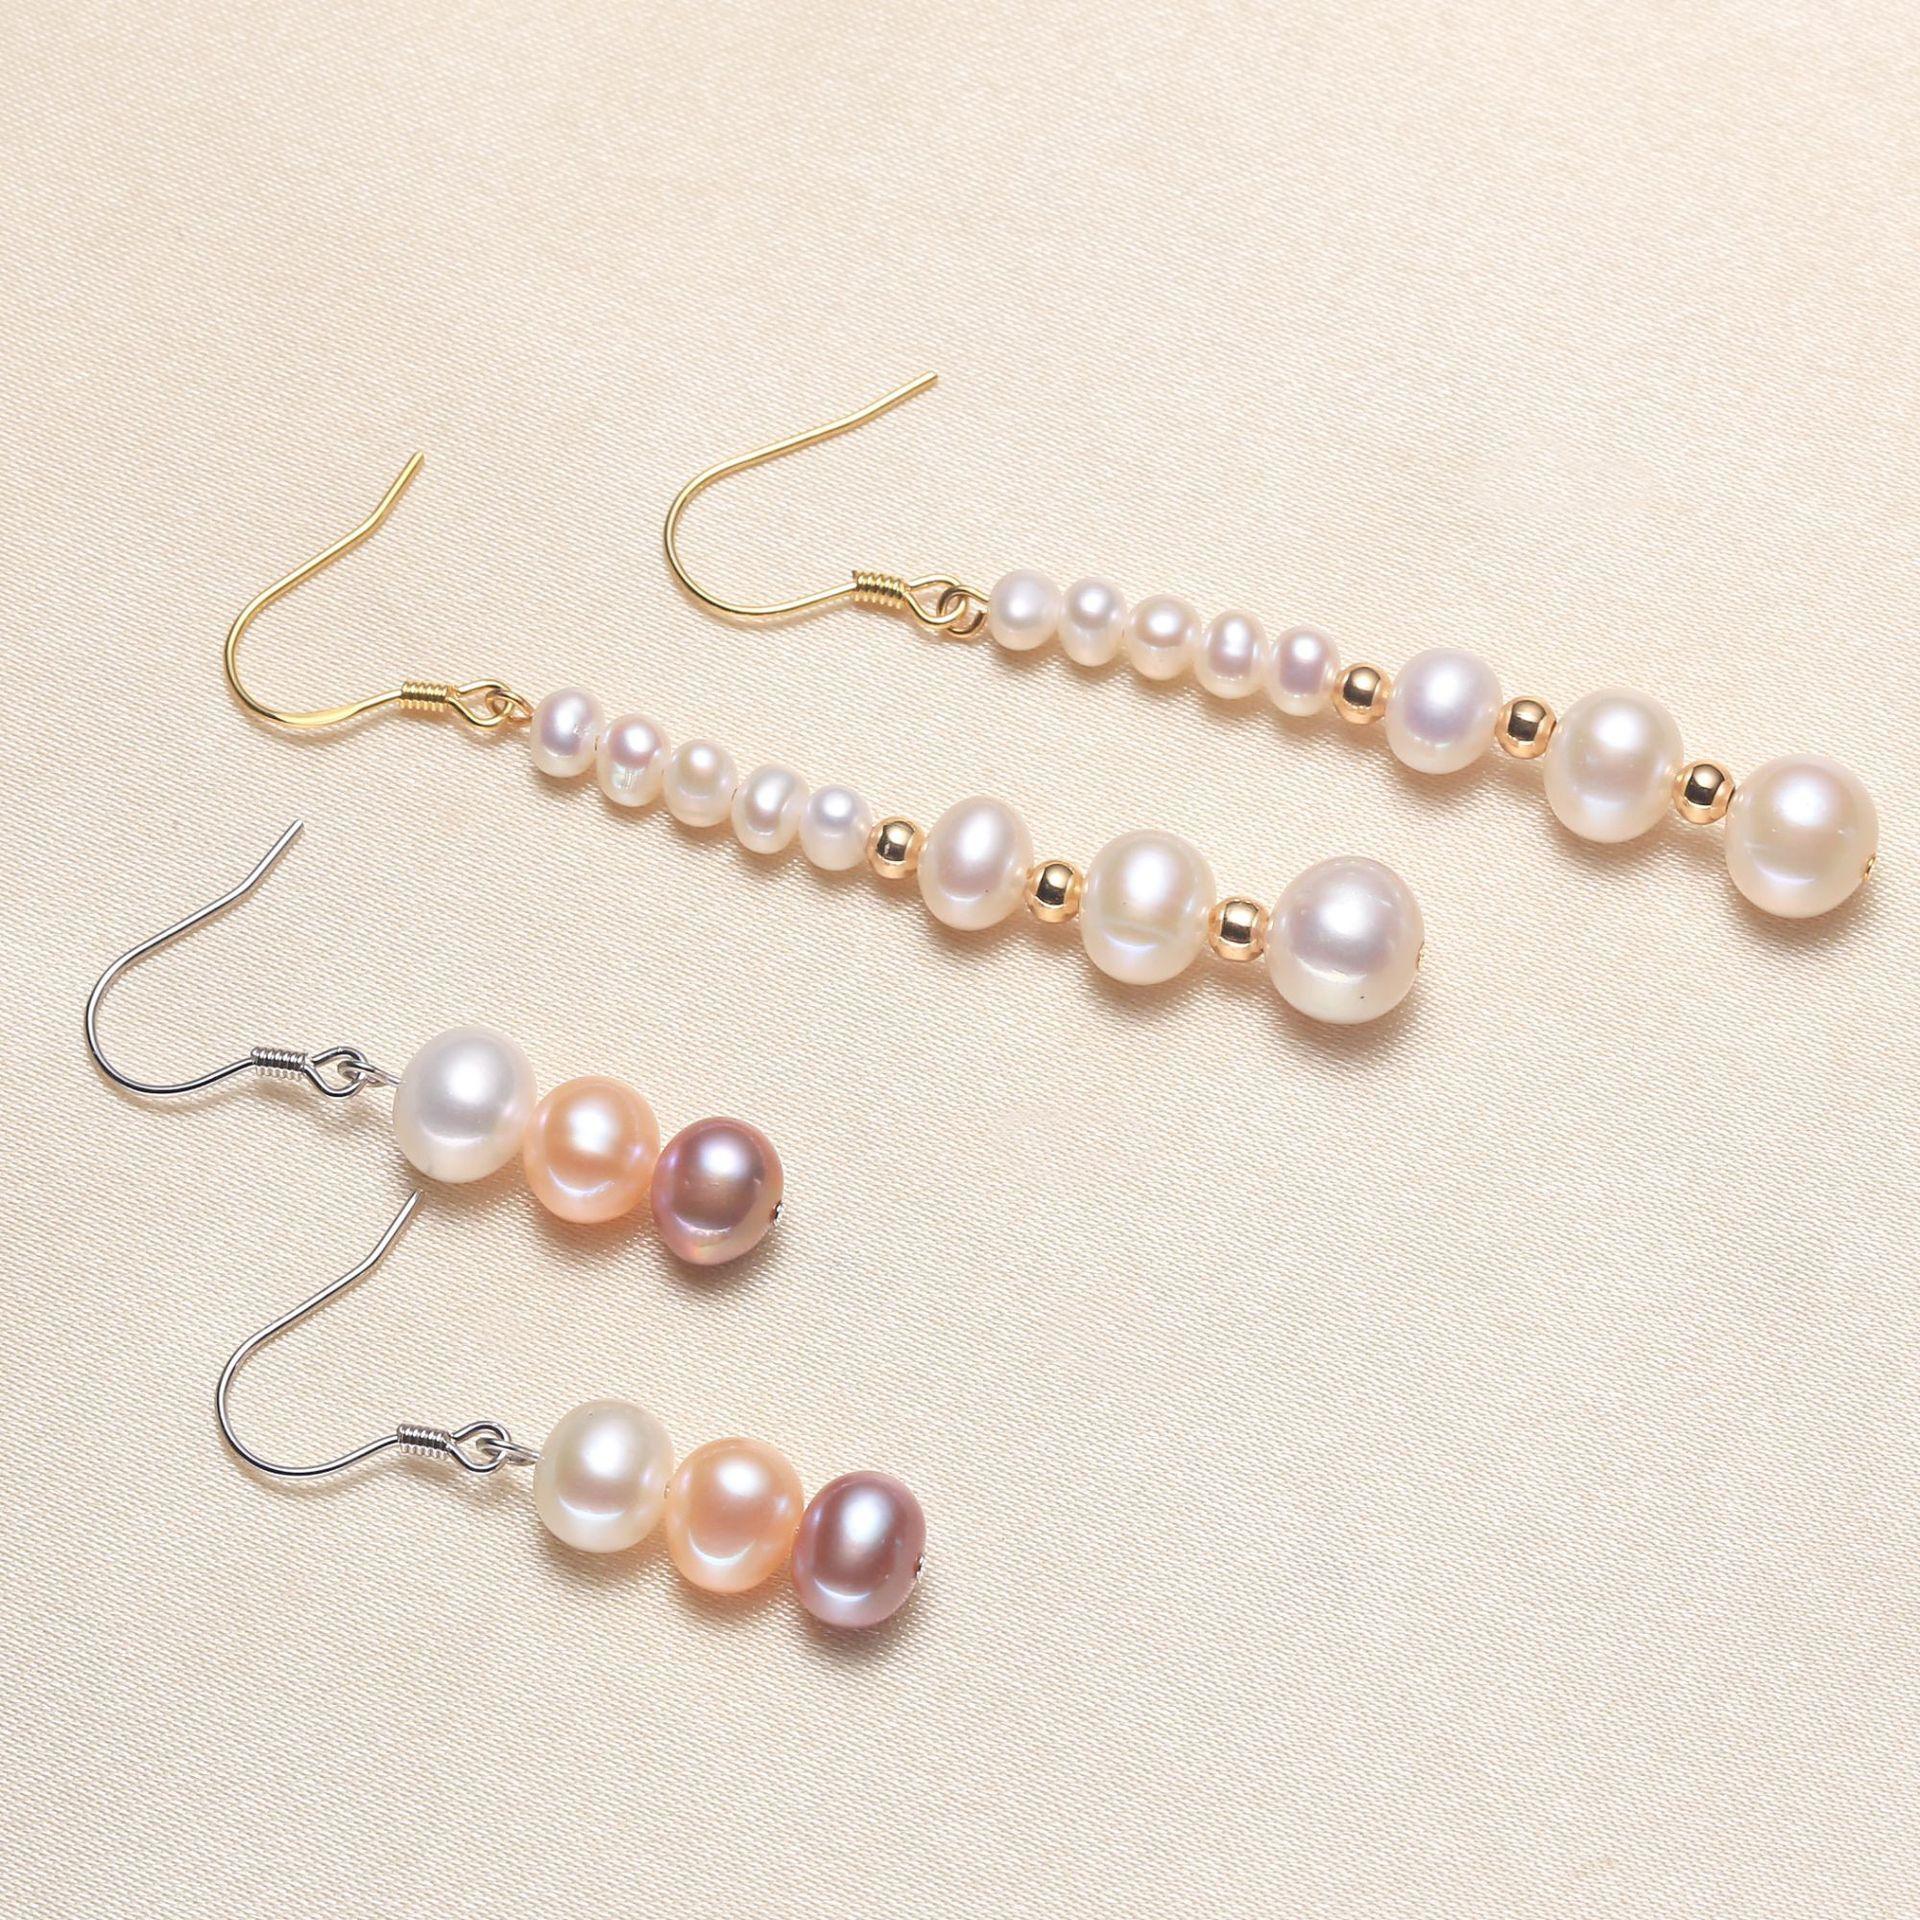 Стерлинговые серебро 925 новая женская мода ювелирные изделия высококачественные жемчужины преувеличенные длинные кисточки простые пресноводные жемчужные серьги